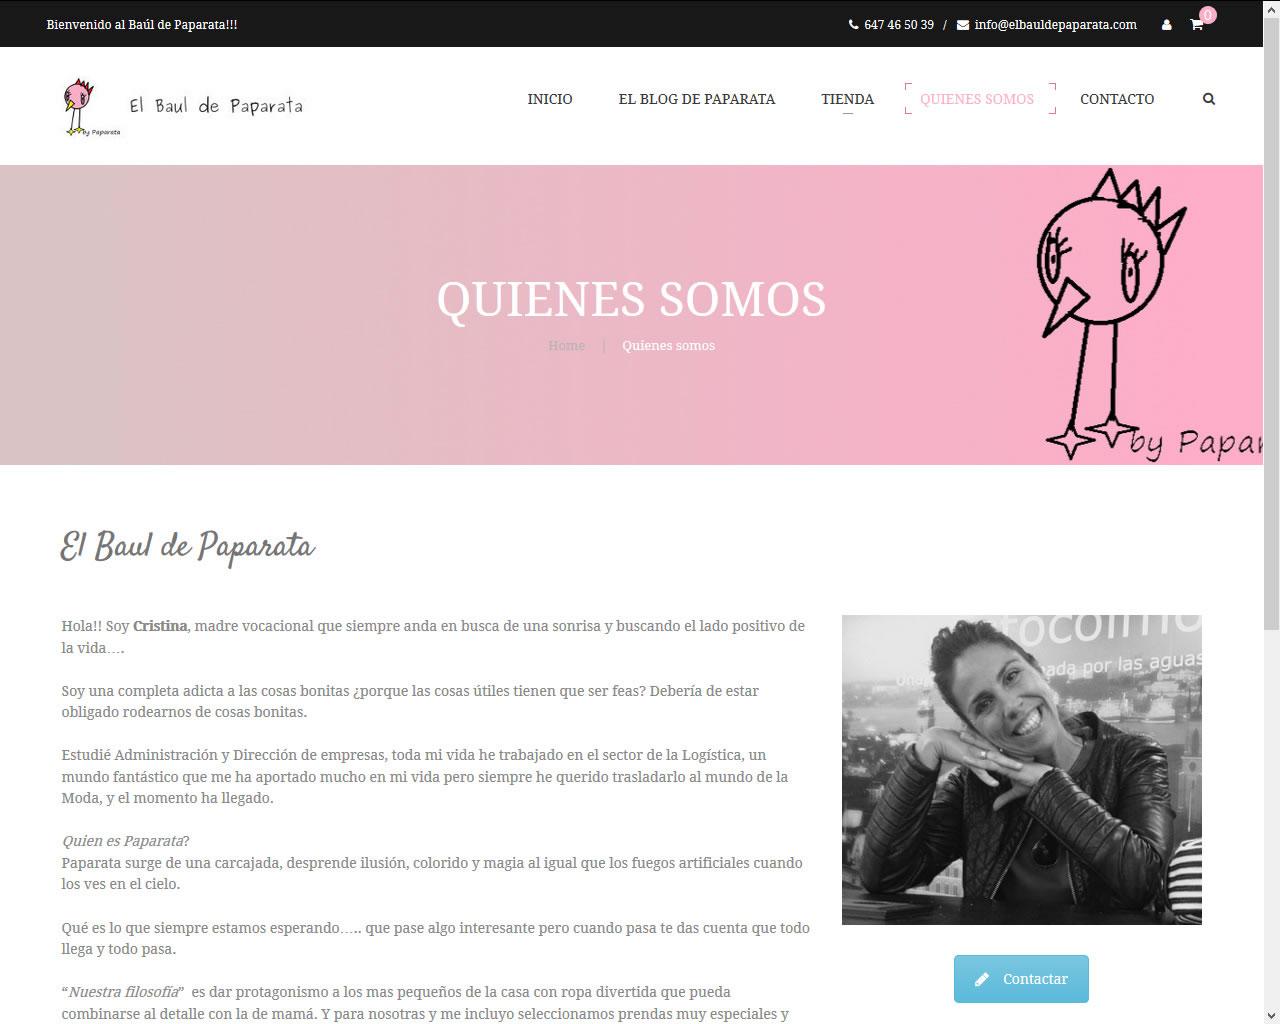 Proyectos - El Baúl de Paparata